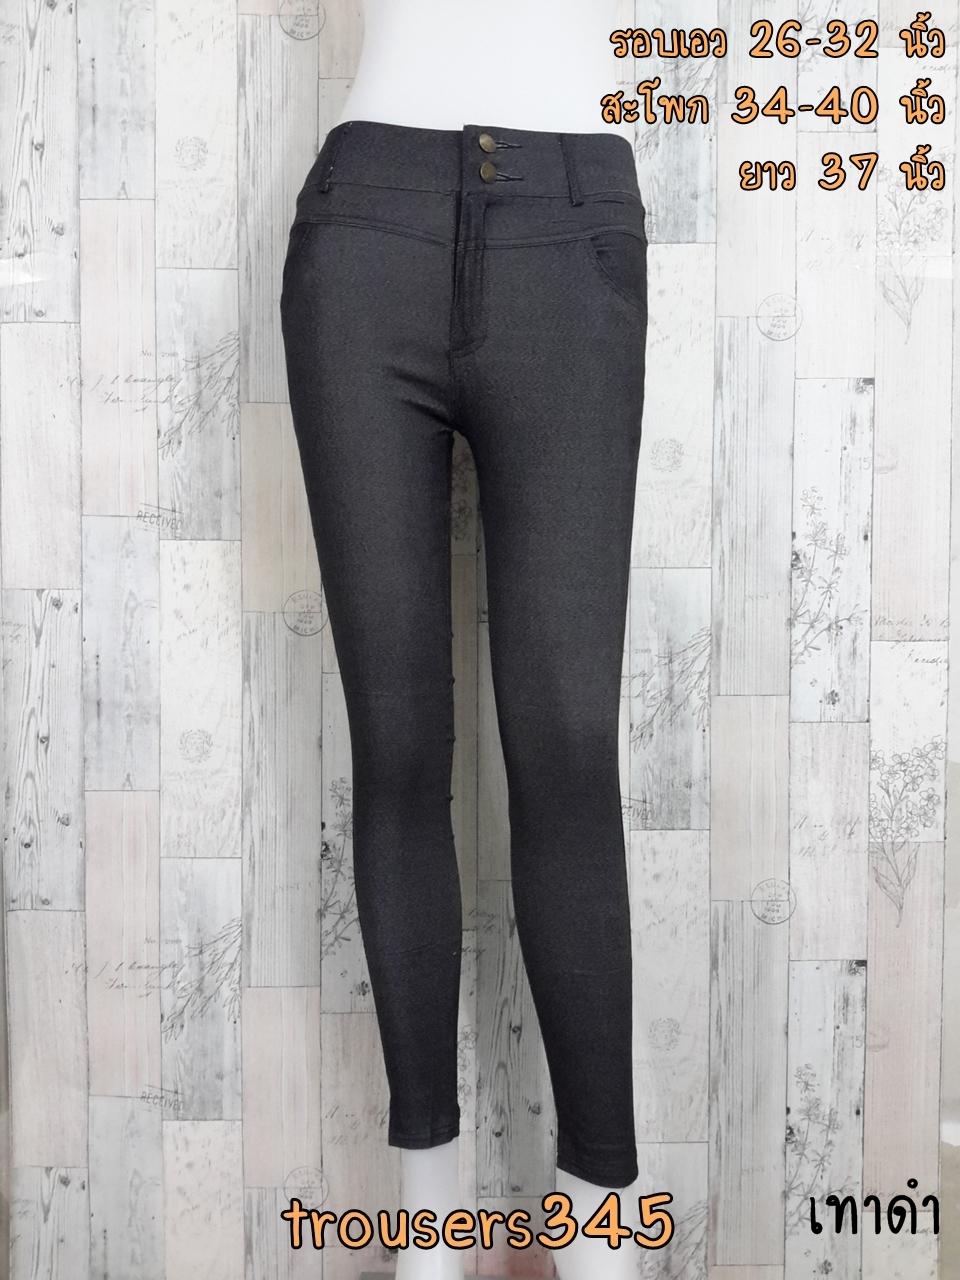 trousers345 กางเกงสกินนี่ขายาวผ้าเนื้อหนายืดหยุ่นได้เยอะ กระดุมซิป เอวยืด 26-32 นิ้ว สีเทาดำ